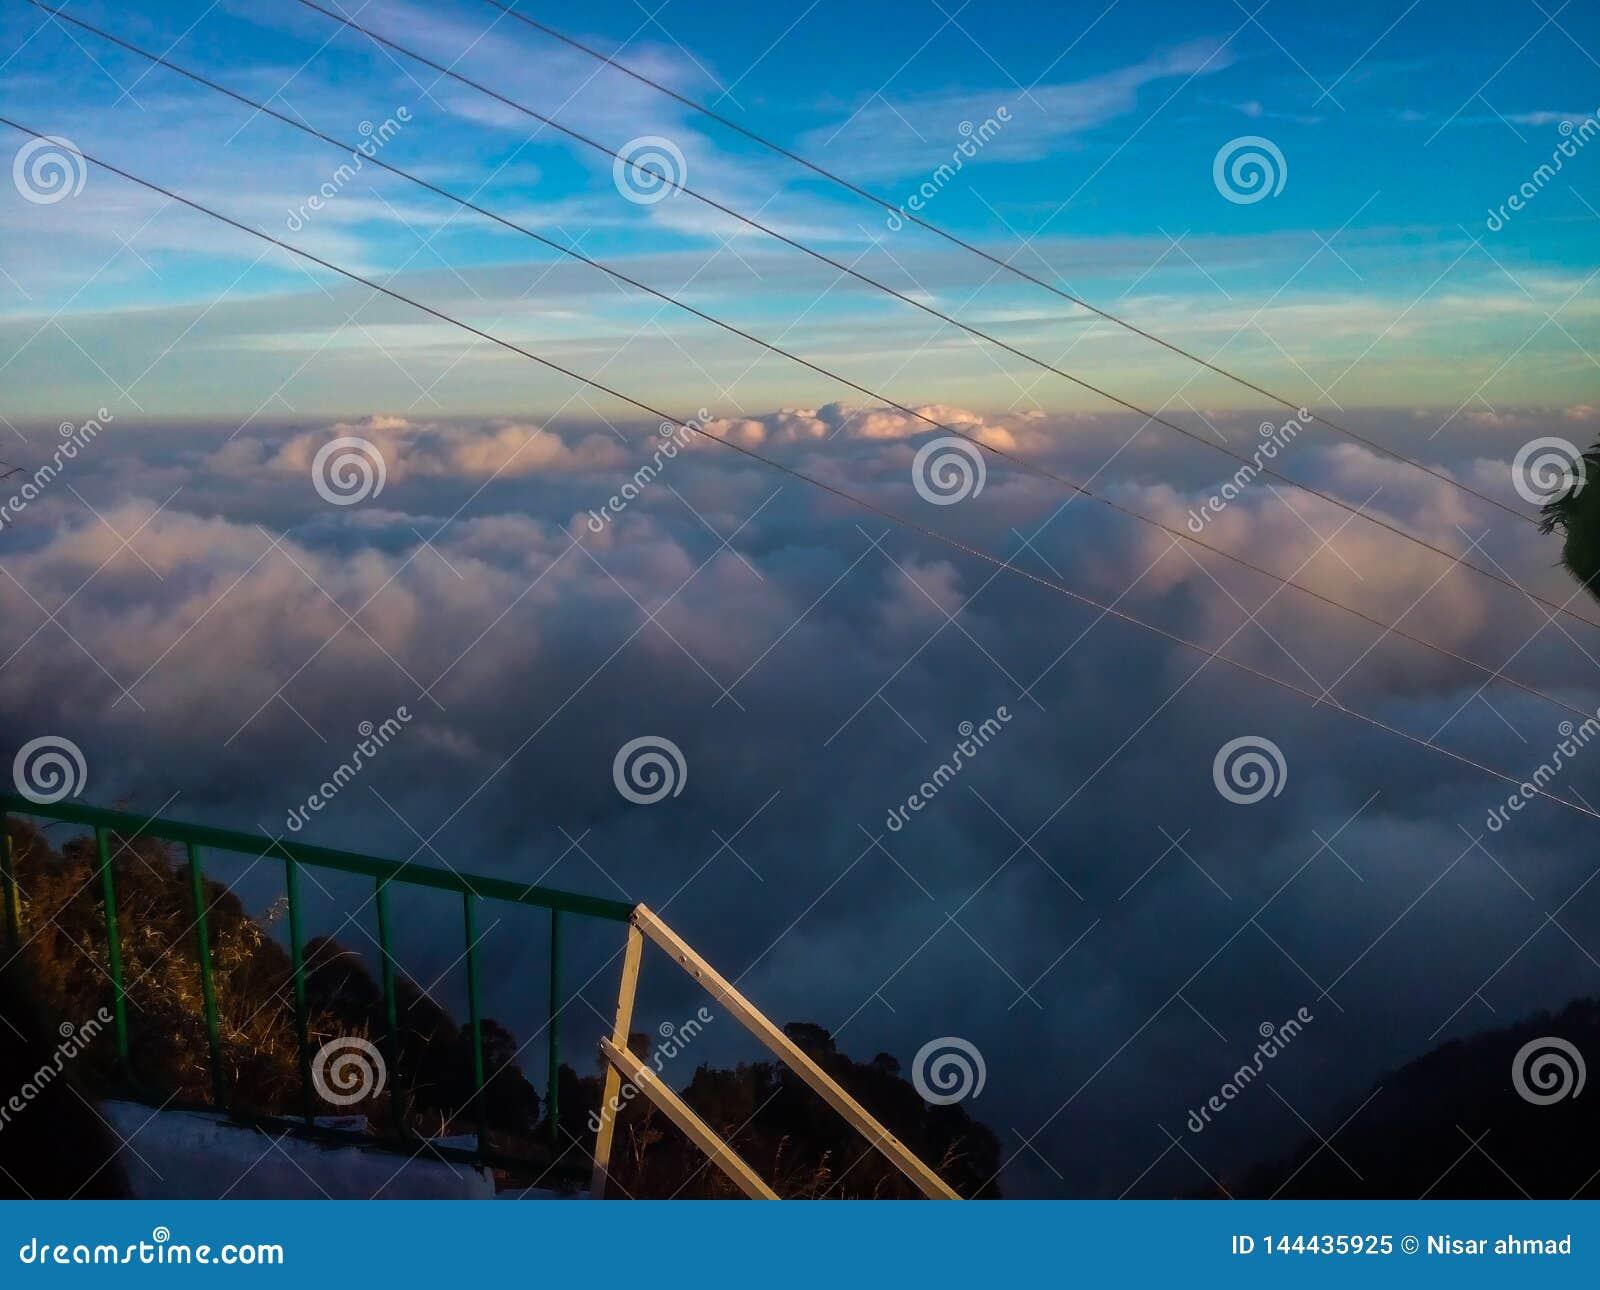 Ciel bleu avec des nuages au-dessus des montagnes